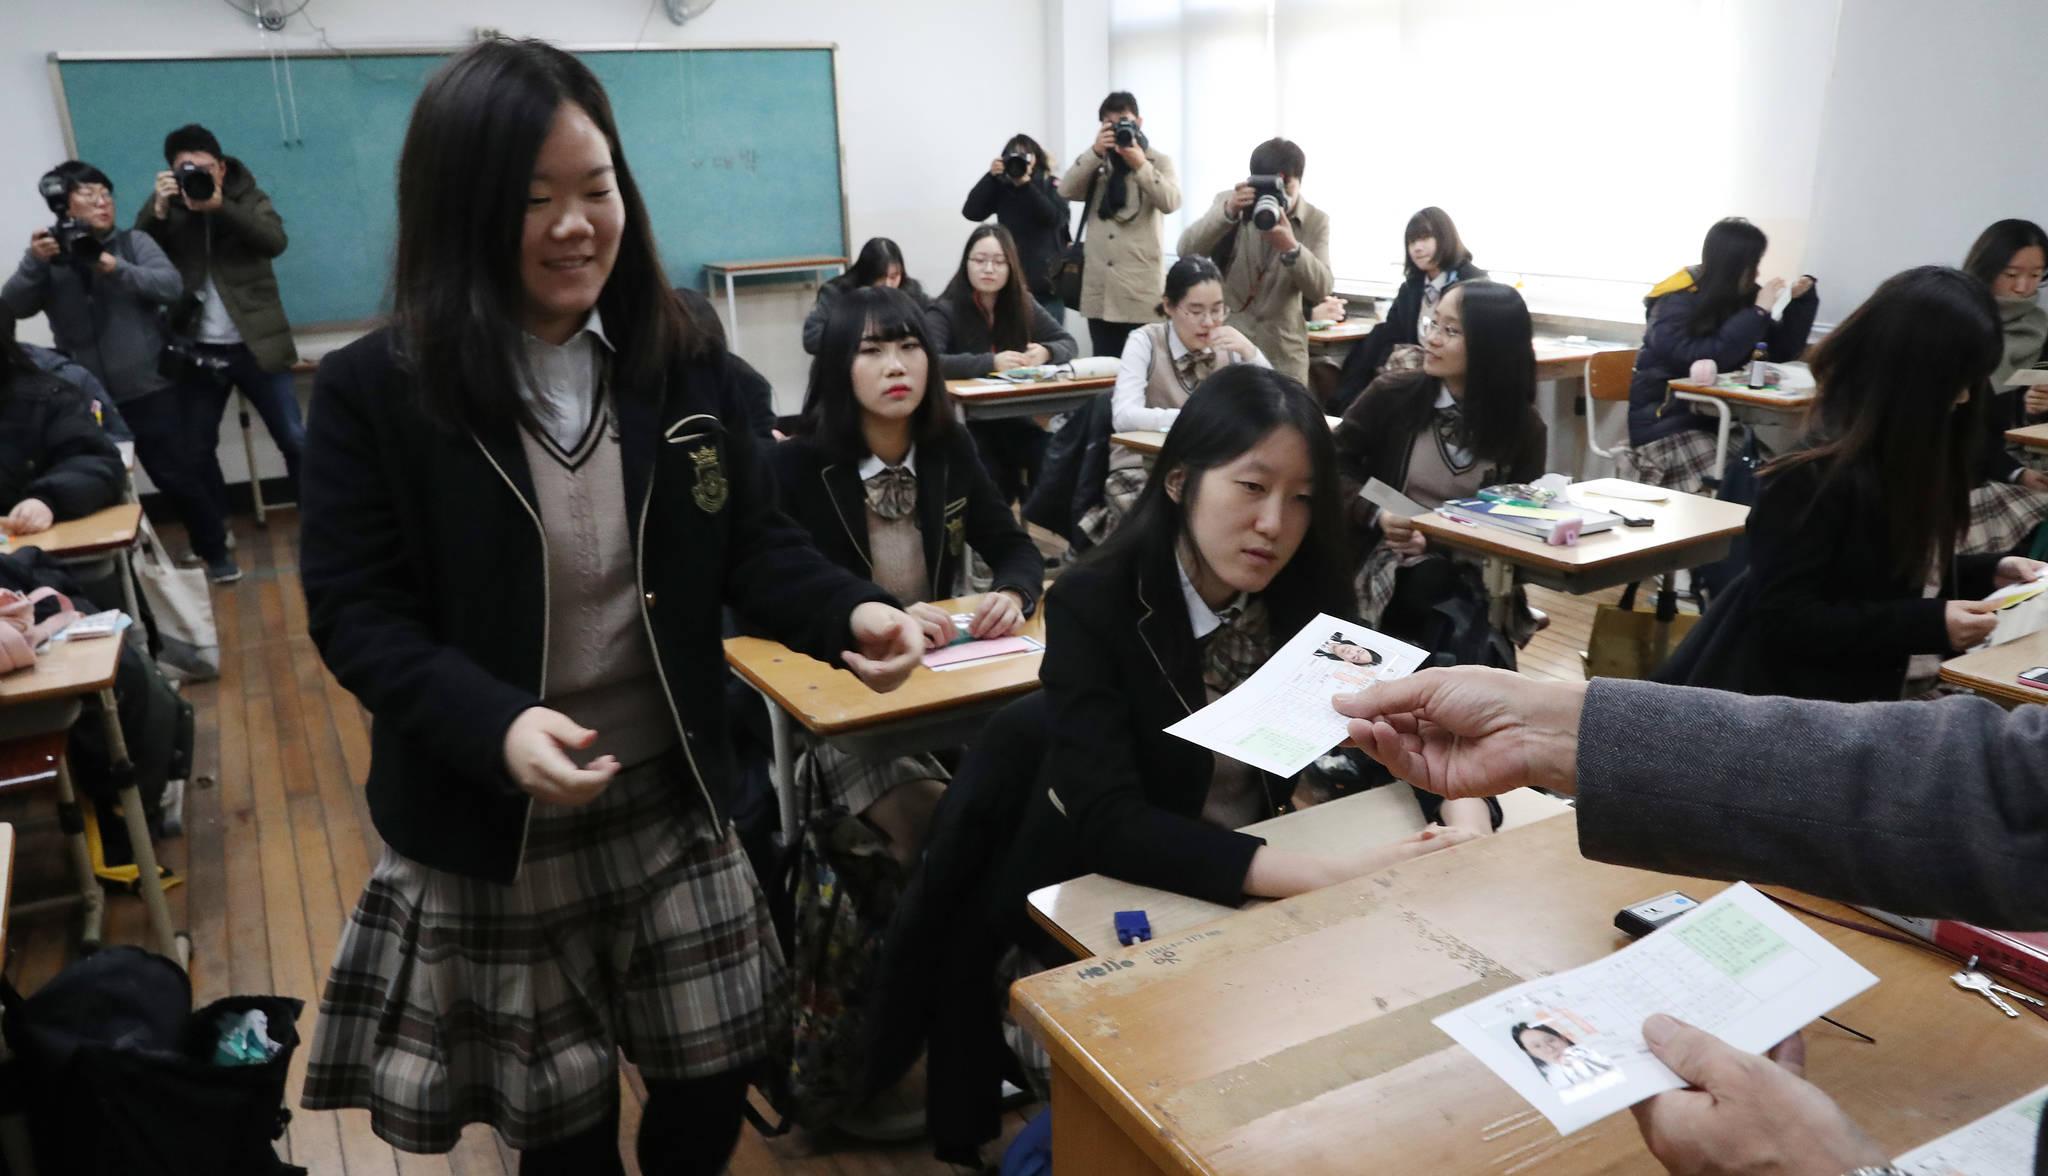 서울 마포구 서울여고에서 선생님이 수험생들에게 수험표를 배부하고 있다. 우상조 기자